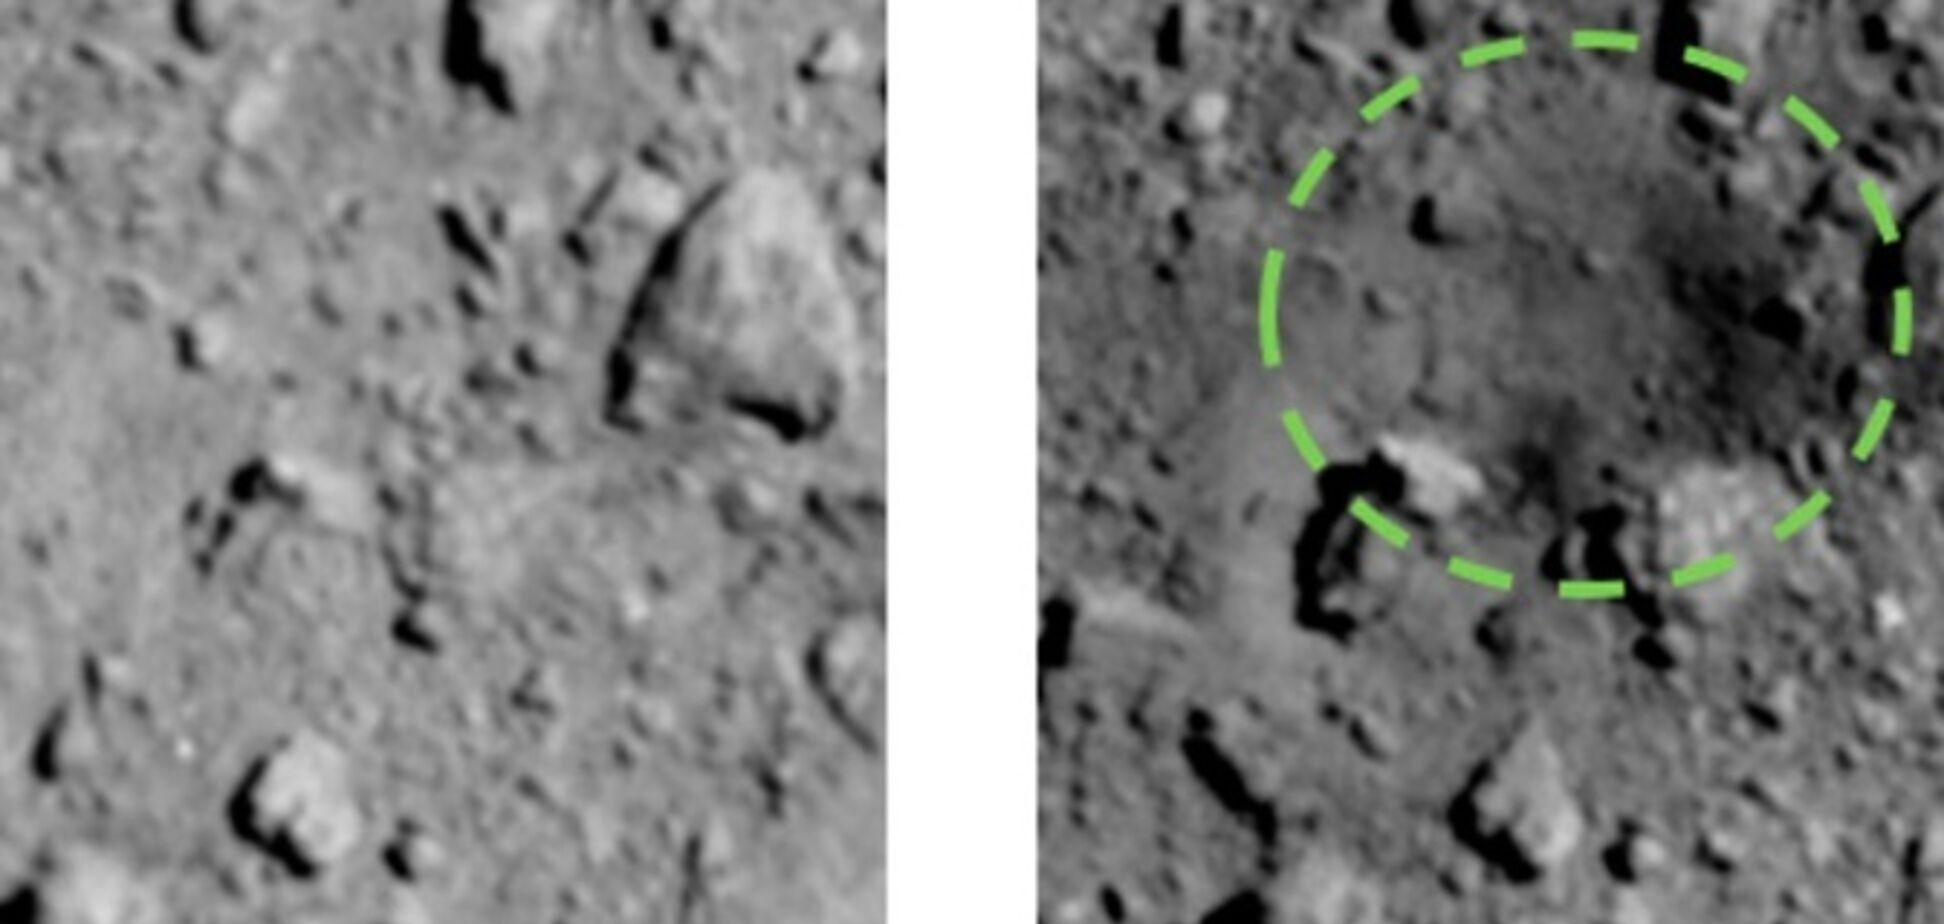 У космосі підірвали бомбу: рукотворний кратер потрапив на фото